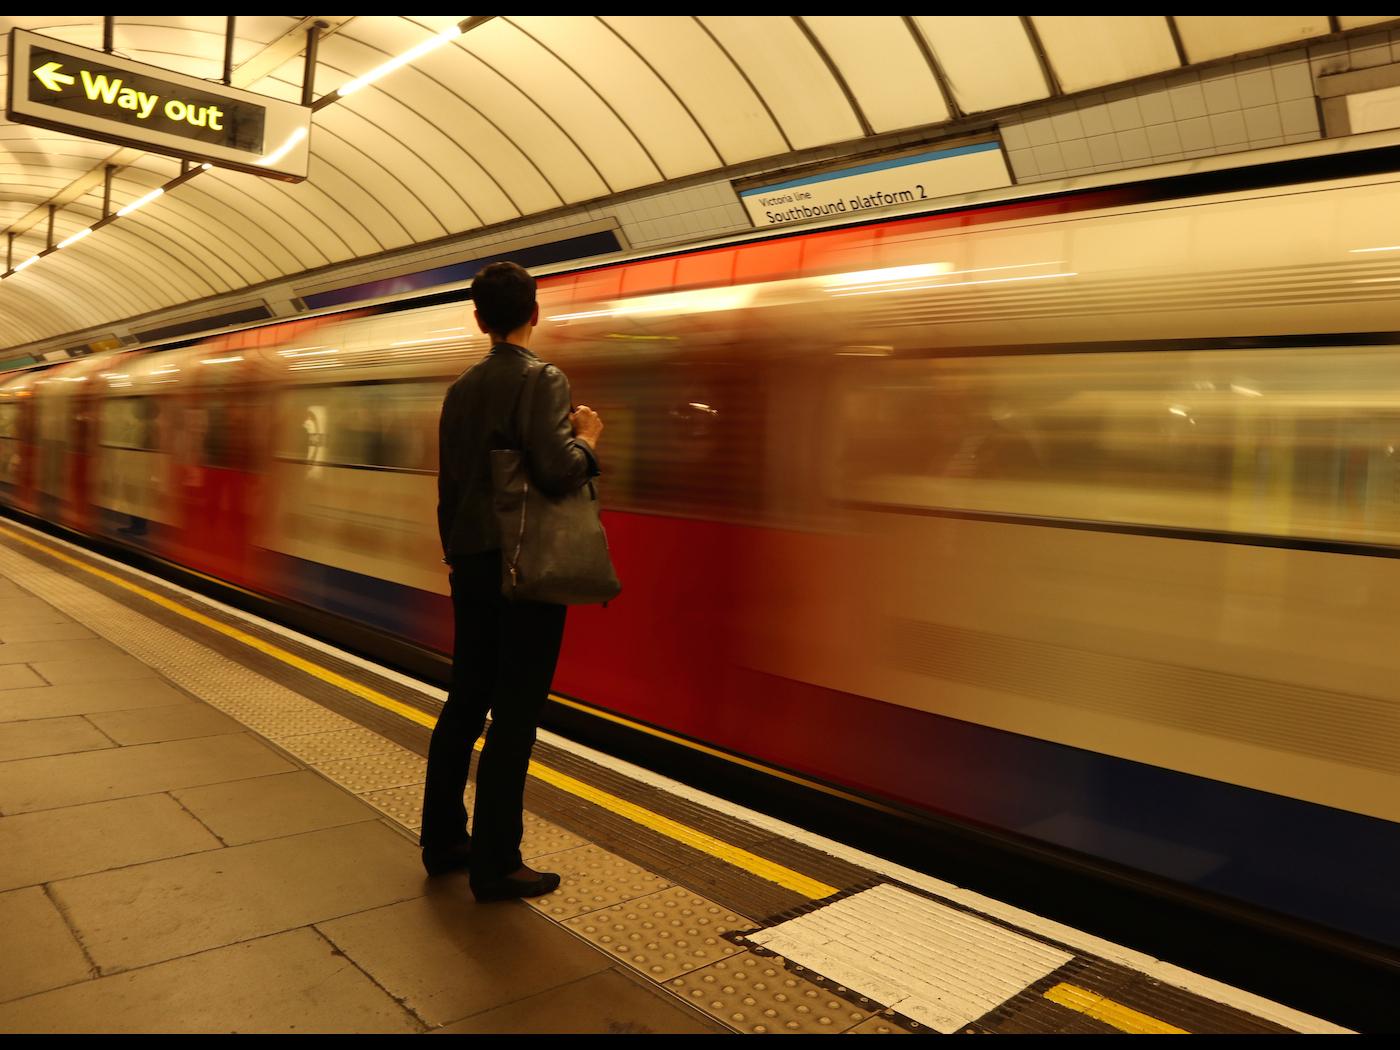 DPI 02 Platform 2, StephanieWilliamson